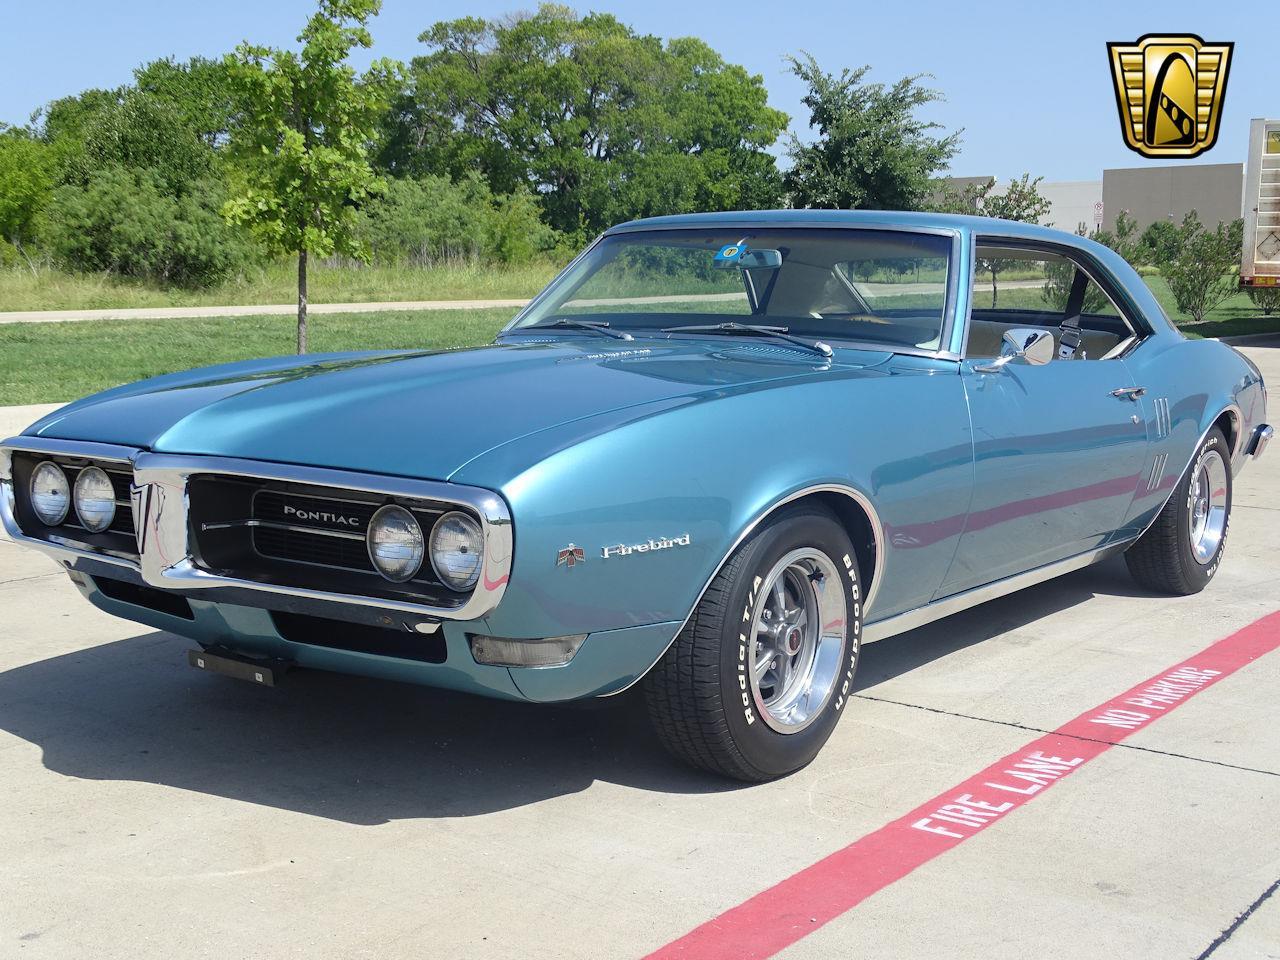 Texas Car Inspection >> 1968 Pontiac Firebird for Sale | ClassicCars.com | CC-1113152